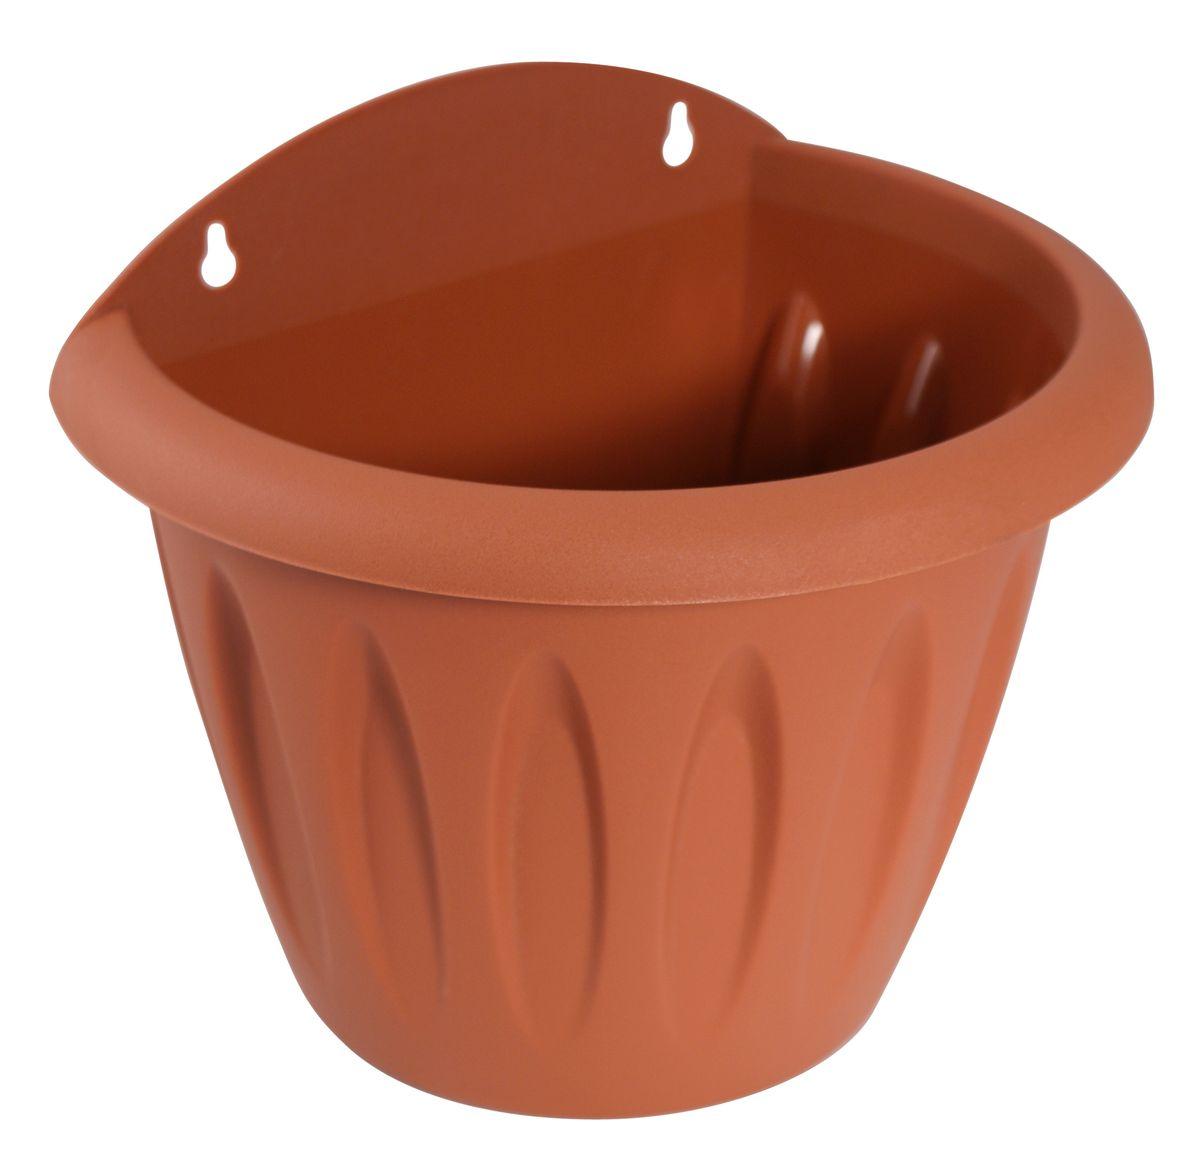 Кашпо настенное Martika Фелиция, цвет: терракотовый, 20 х 14,6 х 17,3 смMRC121TНастенное кашпо Martika Фелиция изготовлено из высококачественного пластика и имеет два удобных отверстия для крепления. Изделие прекрасно подойдет для выращивания растений дома и на приусадебных участках. Размер изделия: 20 х 14,6 х 17,3 см.